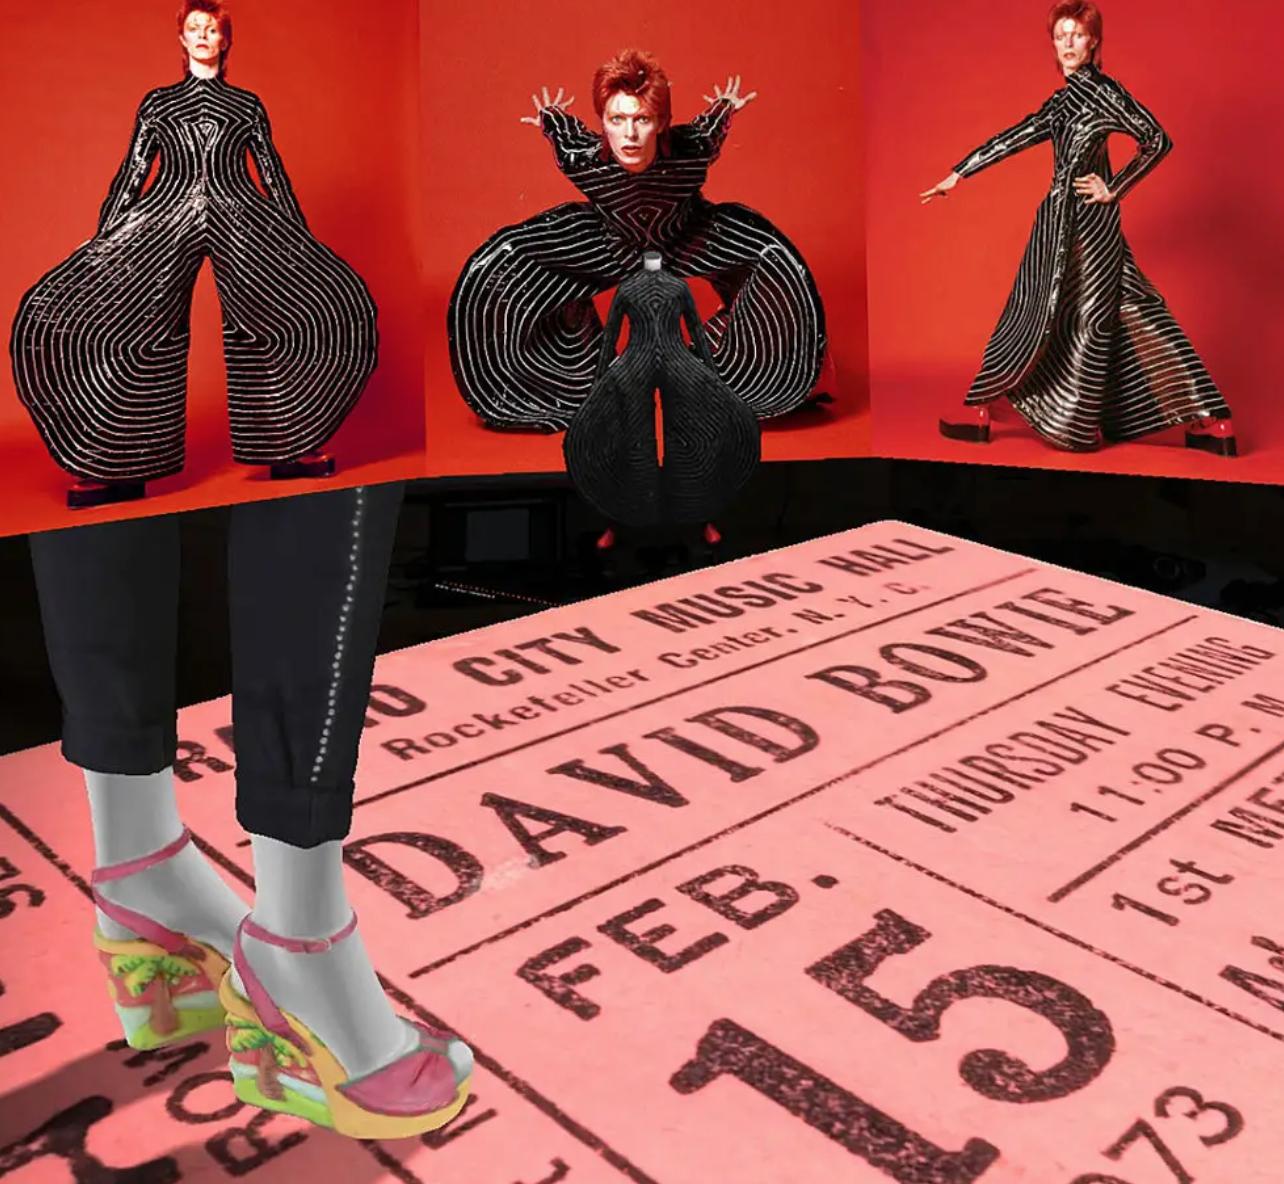 نمایشگاه واقعیت افزوده David Bowie